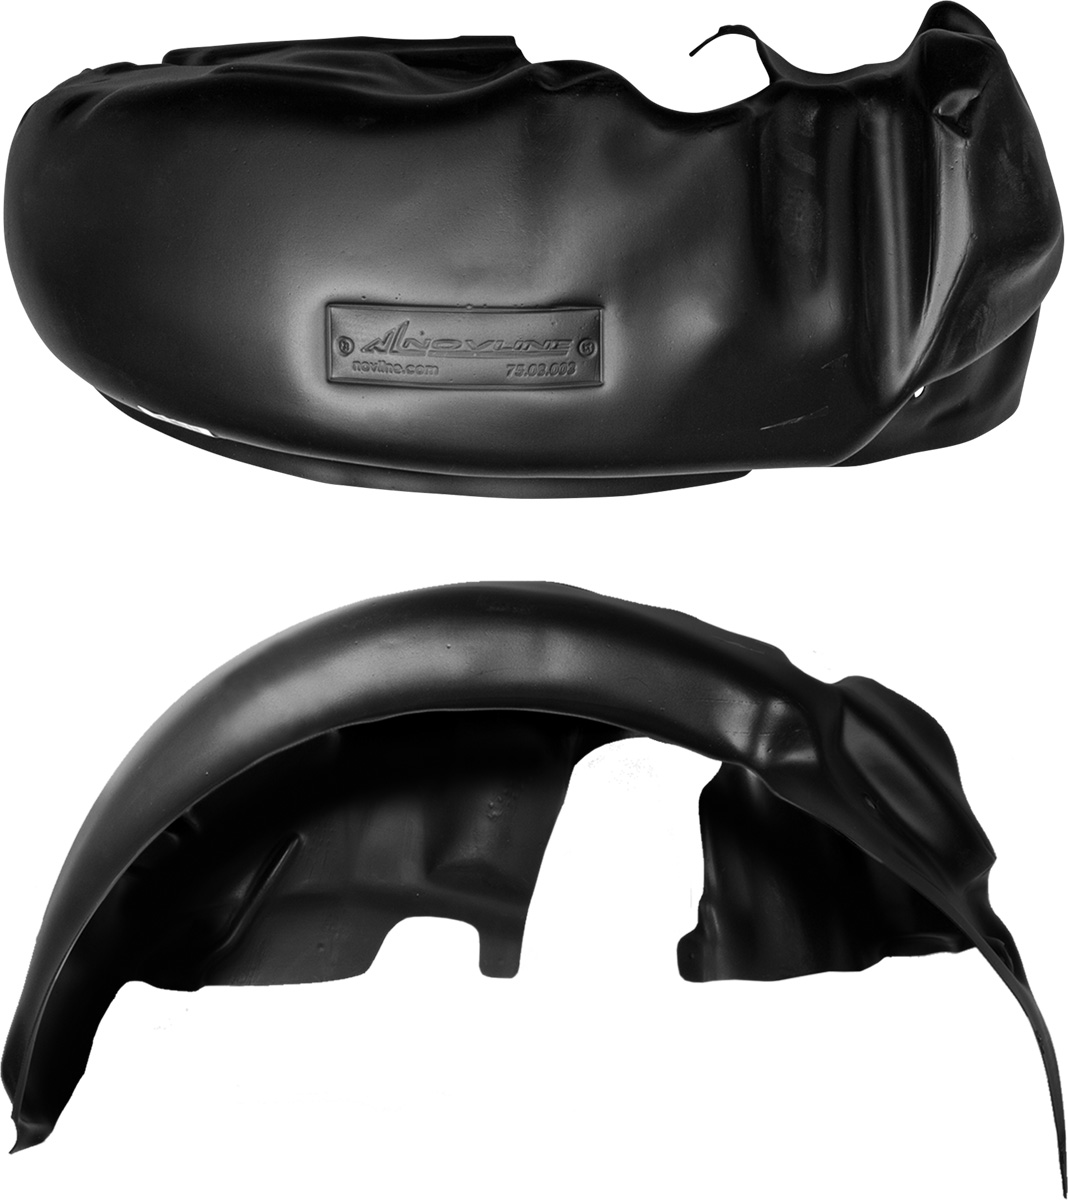 Подкрылок Novline-Autofamily, для Lada Vesta, 2015->, седан (передний правый)NLL.52.33.002Подкрылок выполнен из высококачественного, экологически чистого пластика. Обеспечивает надежную защиту кузова автомобиля от пескоструйного эффекта и негативного влияния, агрессивных антигололедных реагентов. Пластик обладает более низкой теплопроводностью, чем металл, поэтому в зимний период эксплуатации использование пластиковых подкрылков позволяет лучше защитить колесные ниши от налипания снега и образования наледи. Оригинальность конструкции подчеркивает элегантность автомобиля, бережно защищает нанесенное на днище кузова антикоррозийное покрытие и позволяет осуществить крепление подкрылка внутри колесной арки практически без дополнительного крепежа и сверления, не нарушая при этом лакокрасочного покрытия, что предотвращает возникновение новых очагов коррозии. Технология крепления подкрылка на иномарки принципиально отличается от крепления на российские автомобили и разрабатывается индивидуально для каждой модели автомобиля. Подкрылок долговечен, обладает высокой прочностью и сохраняет заданную форму, а также все свои физико-механические характеристики в самых тяжелых климатических условиях ( от -50° С до + 50° С).